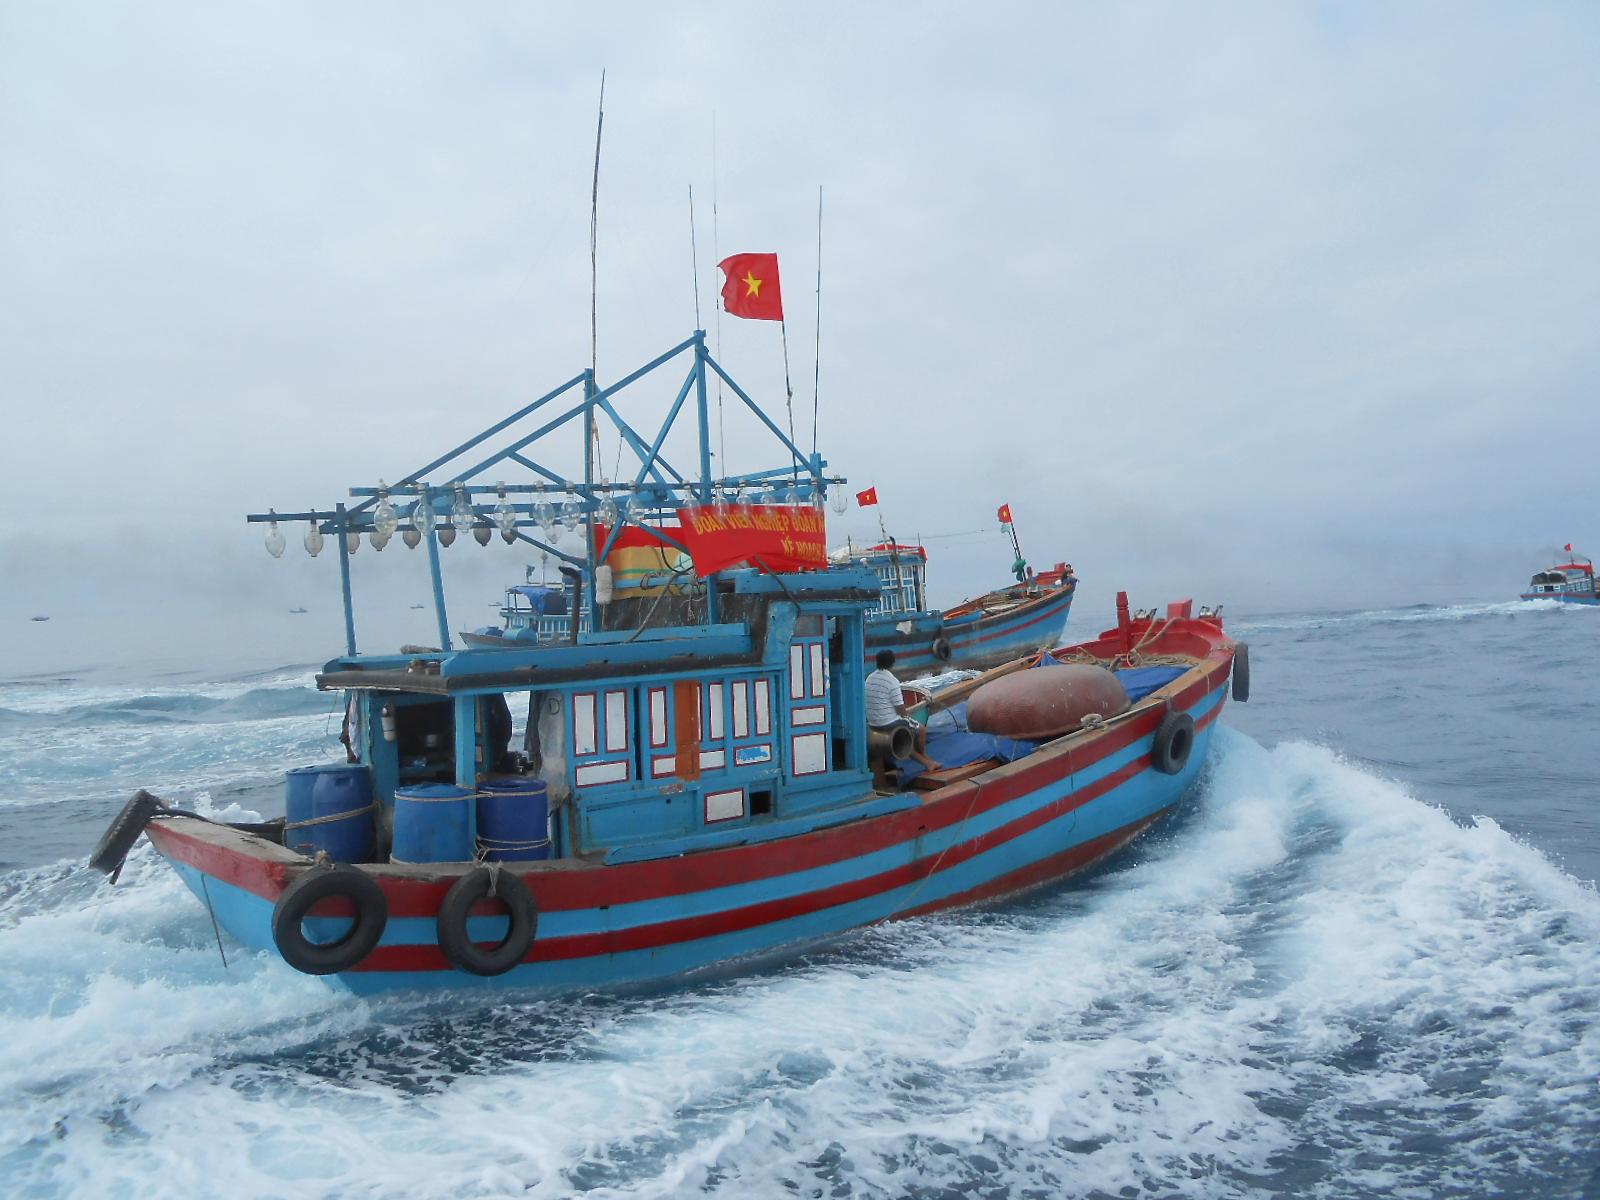 Bám ngư trường truyền thống, góp phần bảo vệ vùng biển thiêng liêng của Tổ quốc